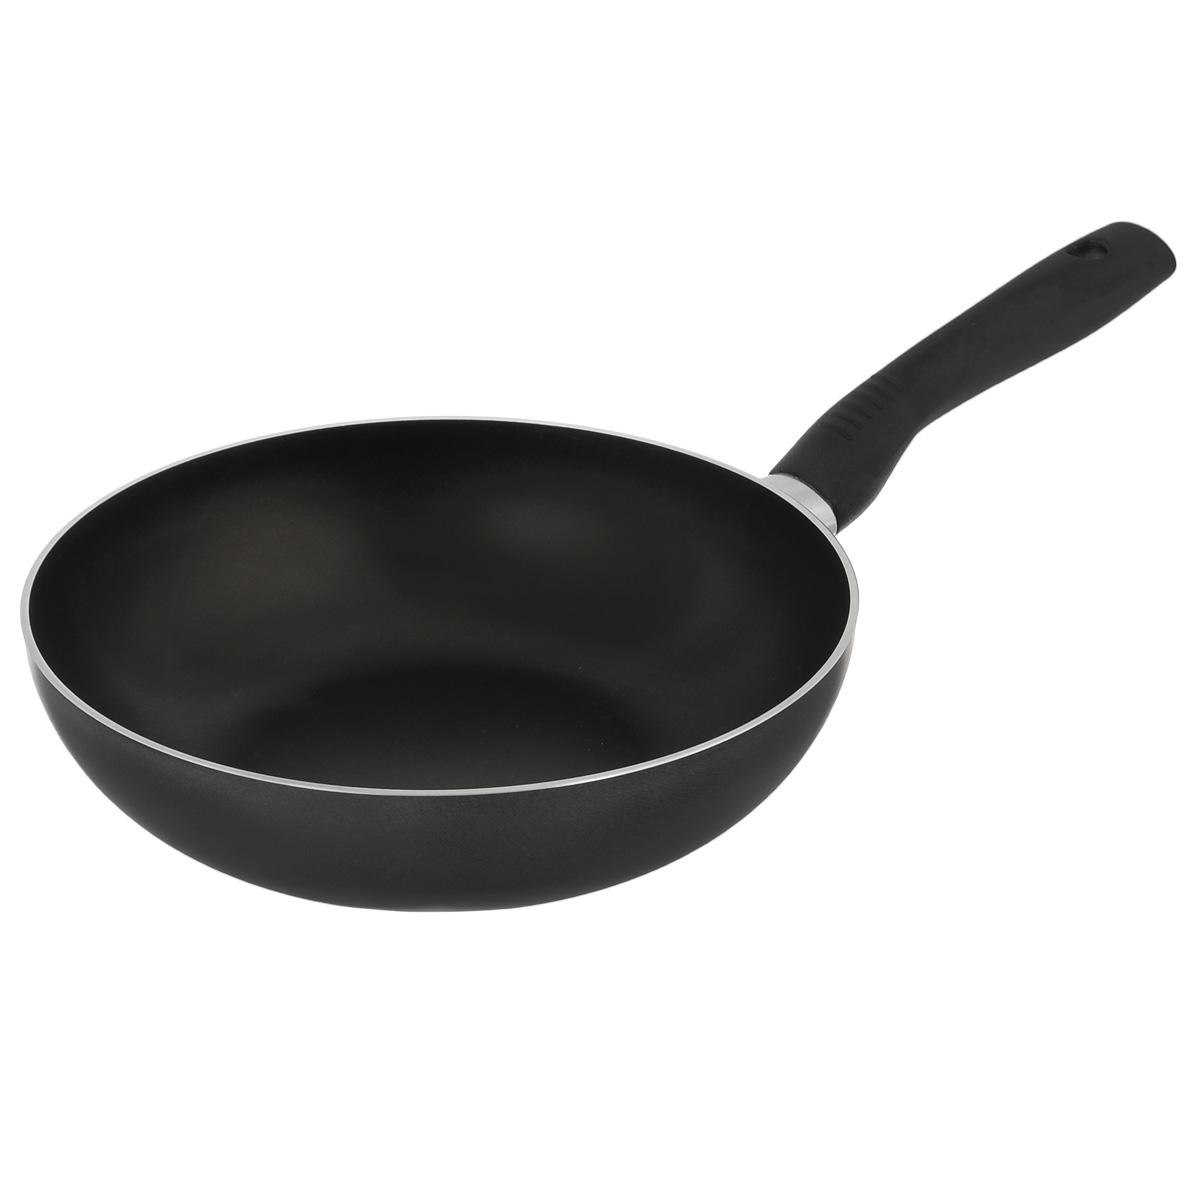 Сковорода-вок TVS Basilico, с антипригарным покрытием, цвет: черный. Диаметр 28 см сотейник tvs basilico с двумя ручками цвет черный диаметр 24 см